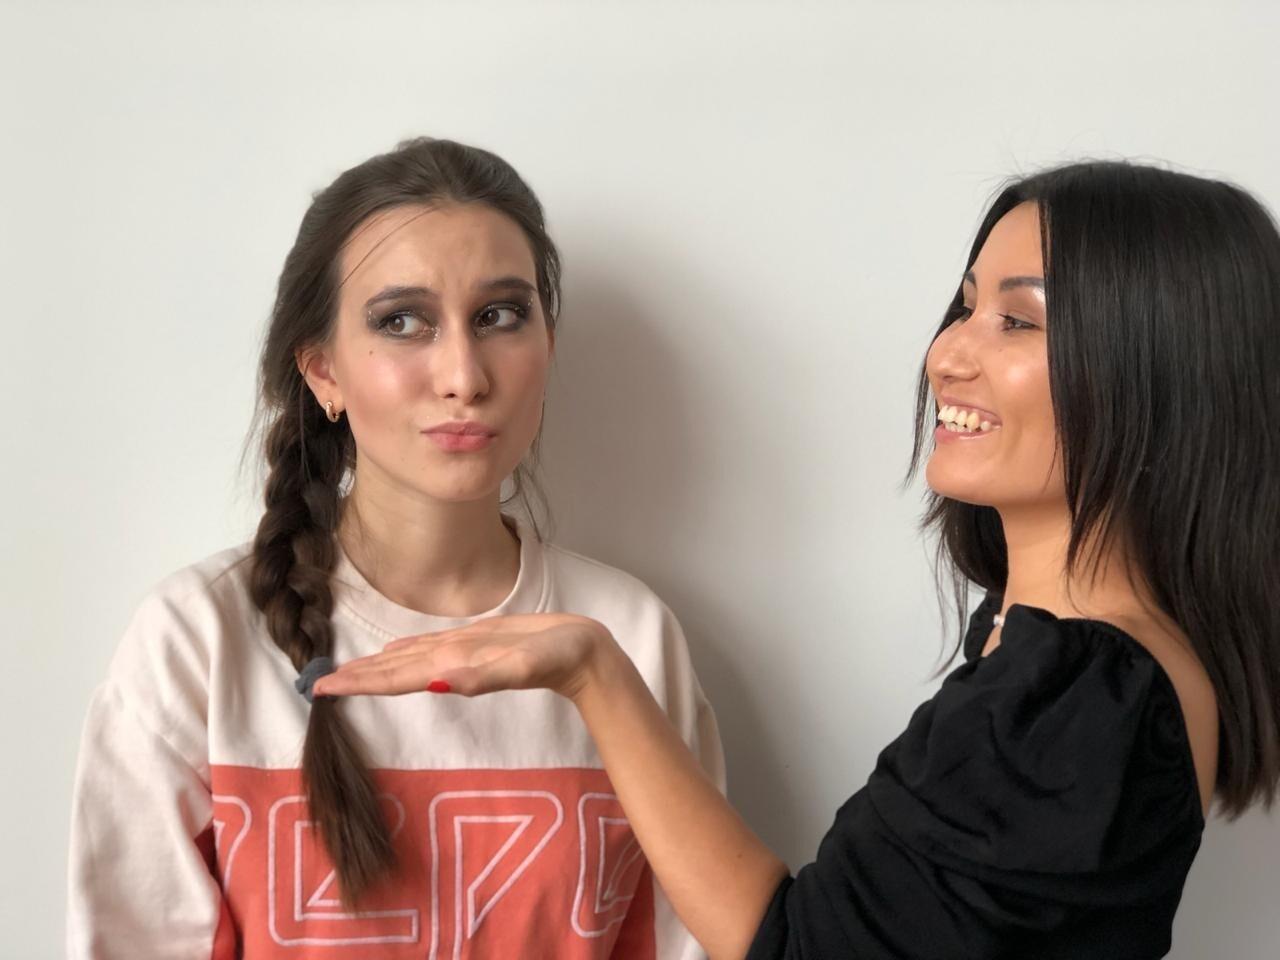 Повторили макияж бьюти-блогера: смотри, что из этого вышло (видео)